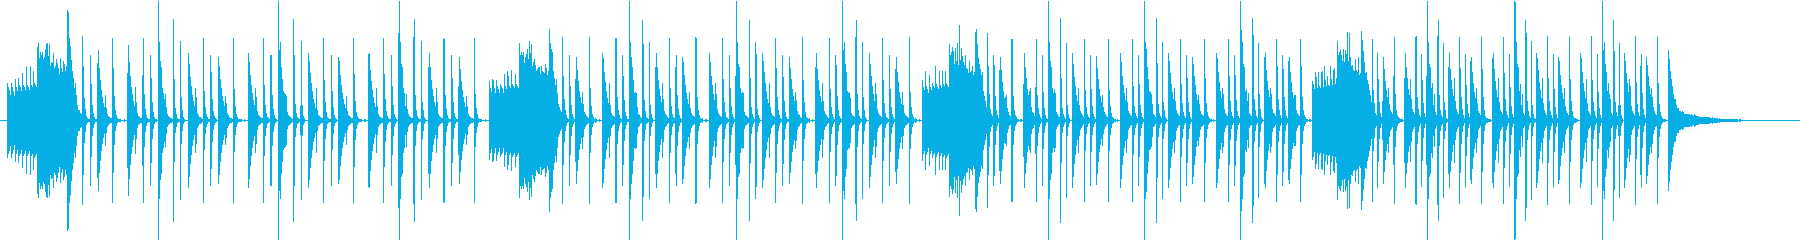 シンキングタイム、テンポアップの再生済みの波形